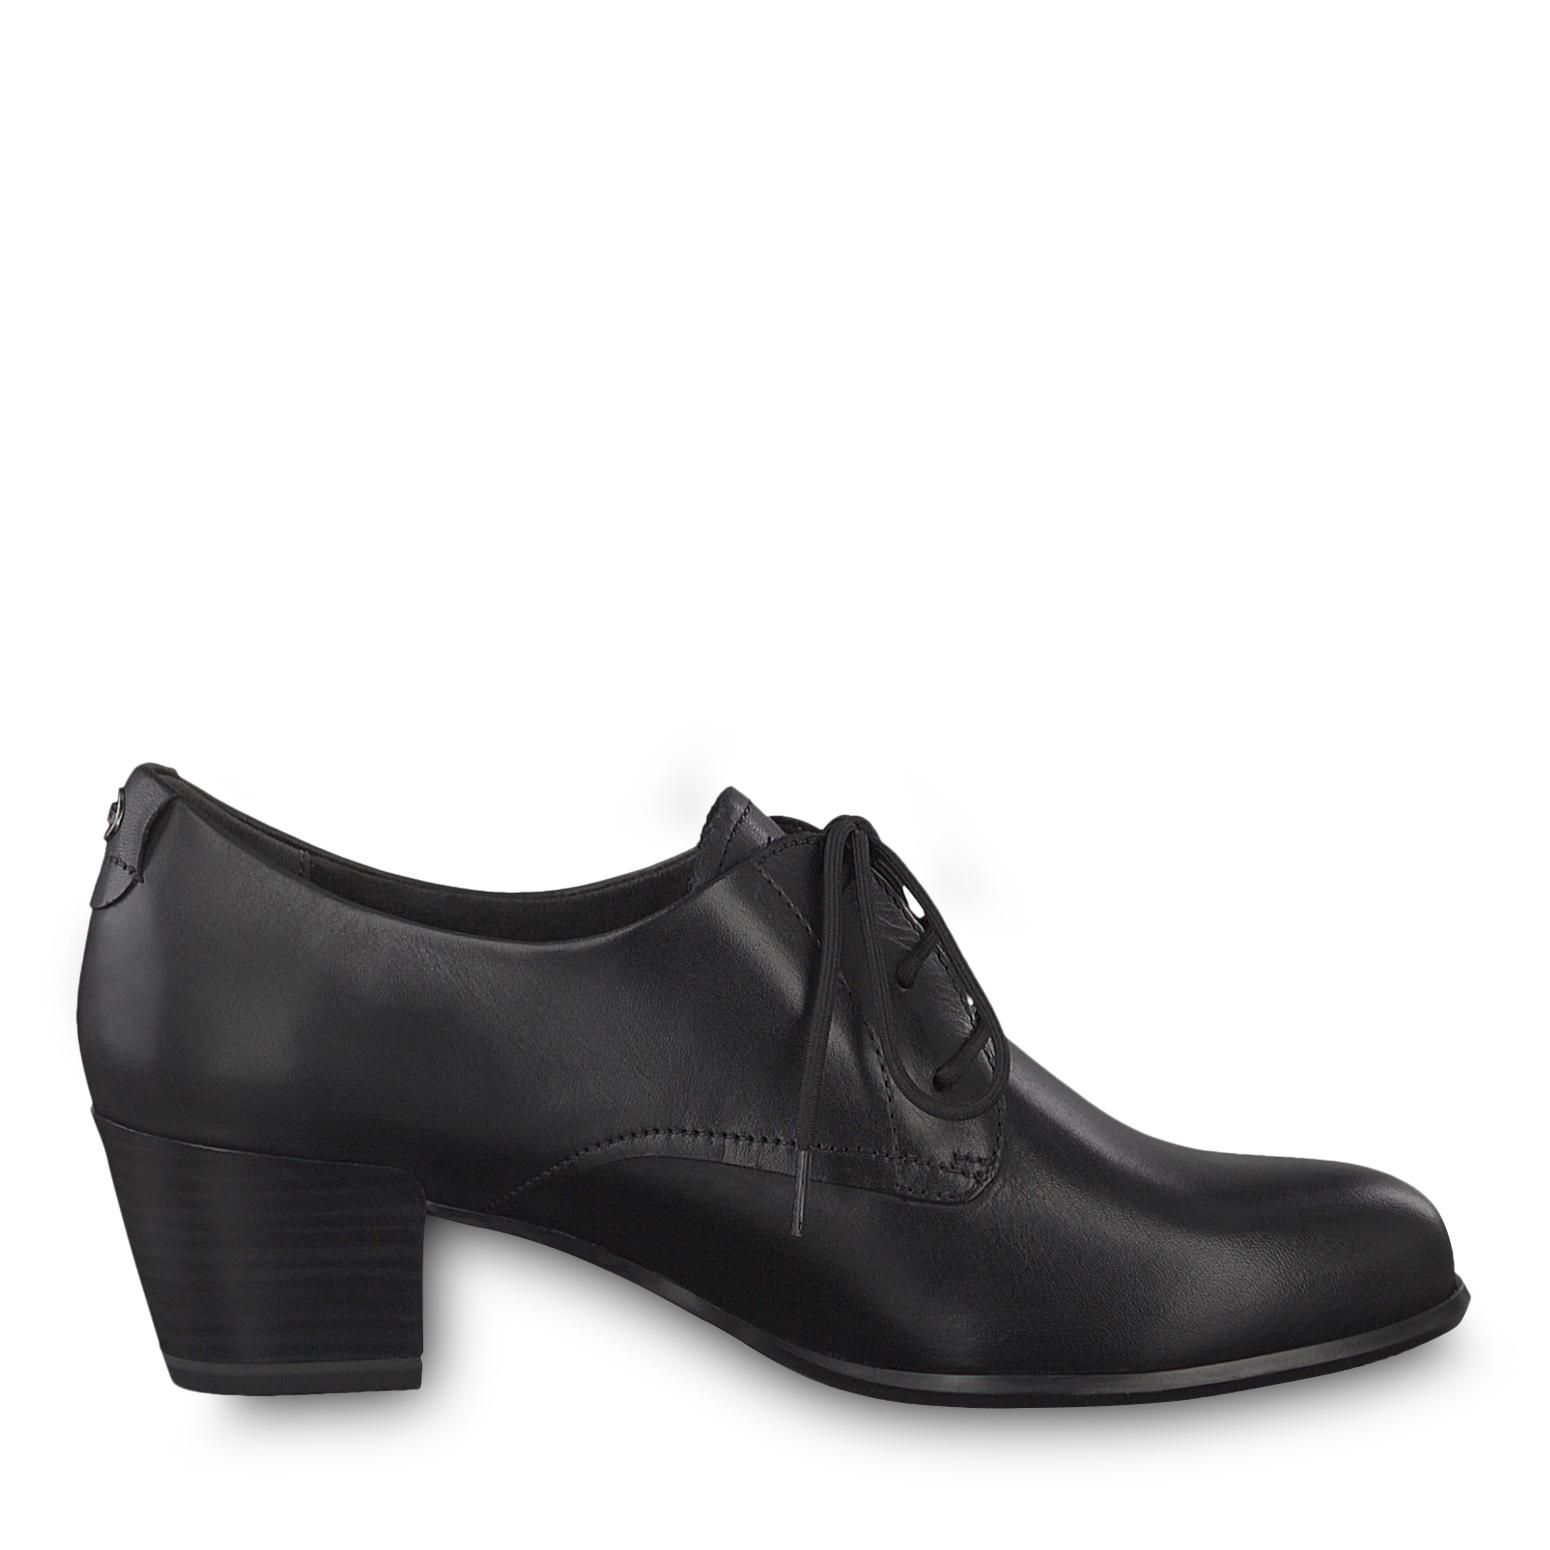 schön in der Farbe perfekte Qualität moderner Stil Oceana Low shoes